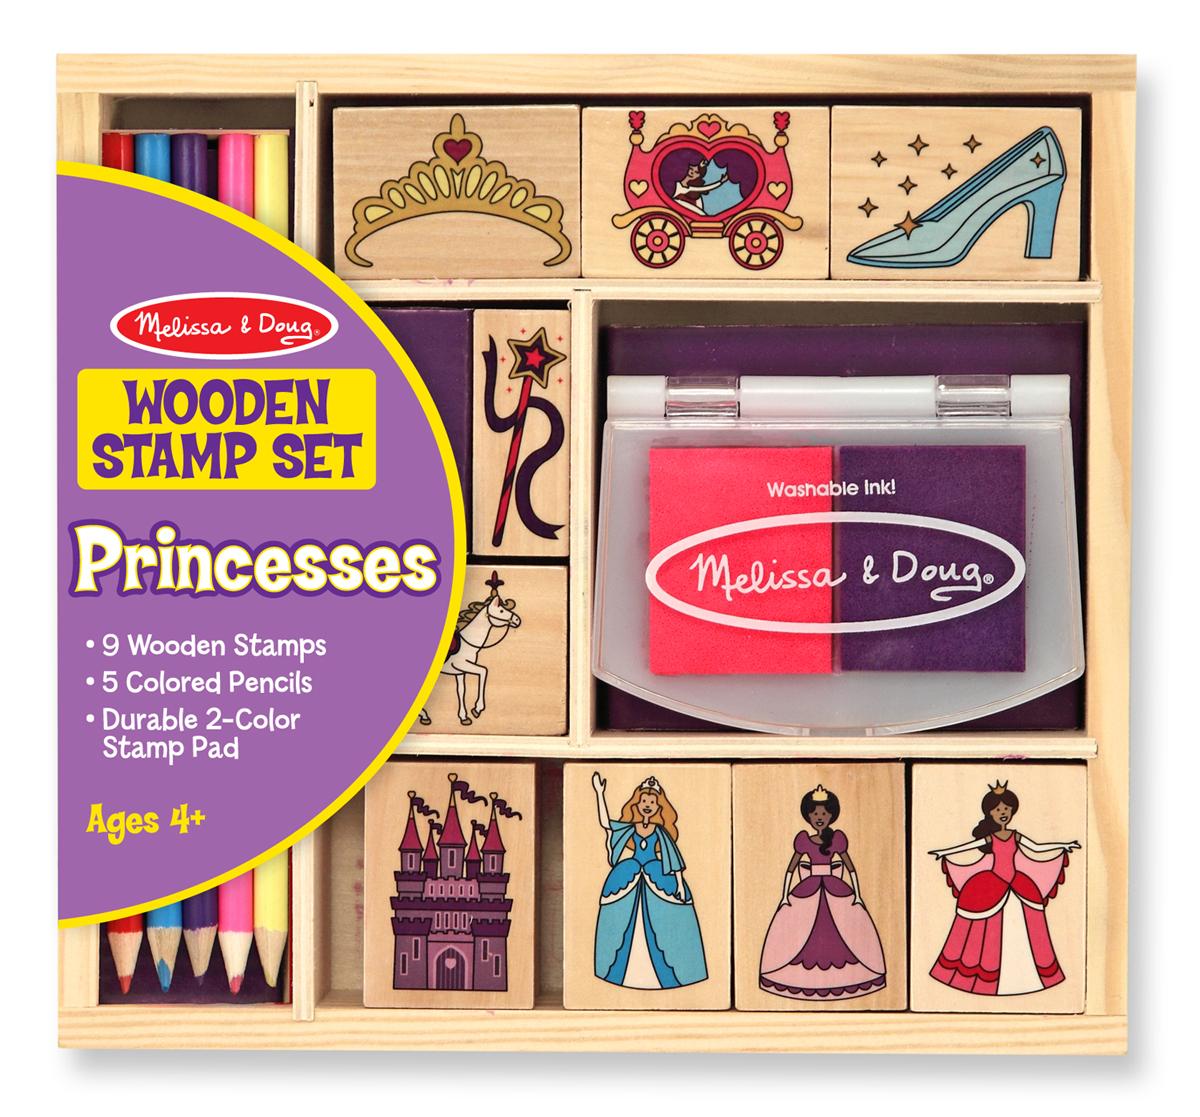 Набор печатей Принцессы из серии ТворчествоШтампики<br>Набор печатей Принцессы из серии Творчество<br>